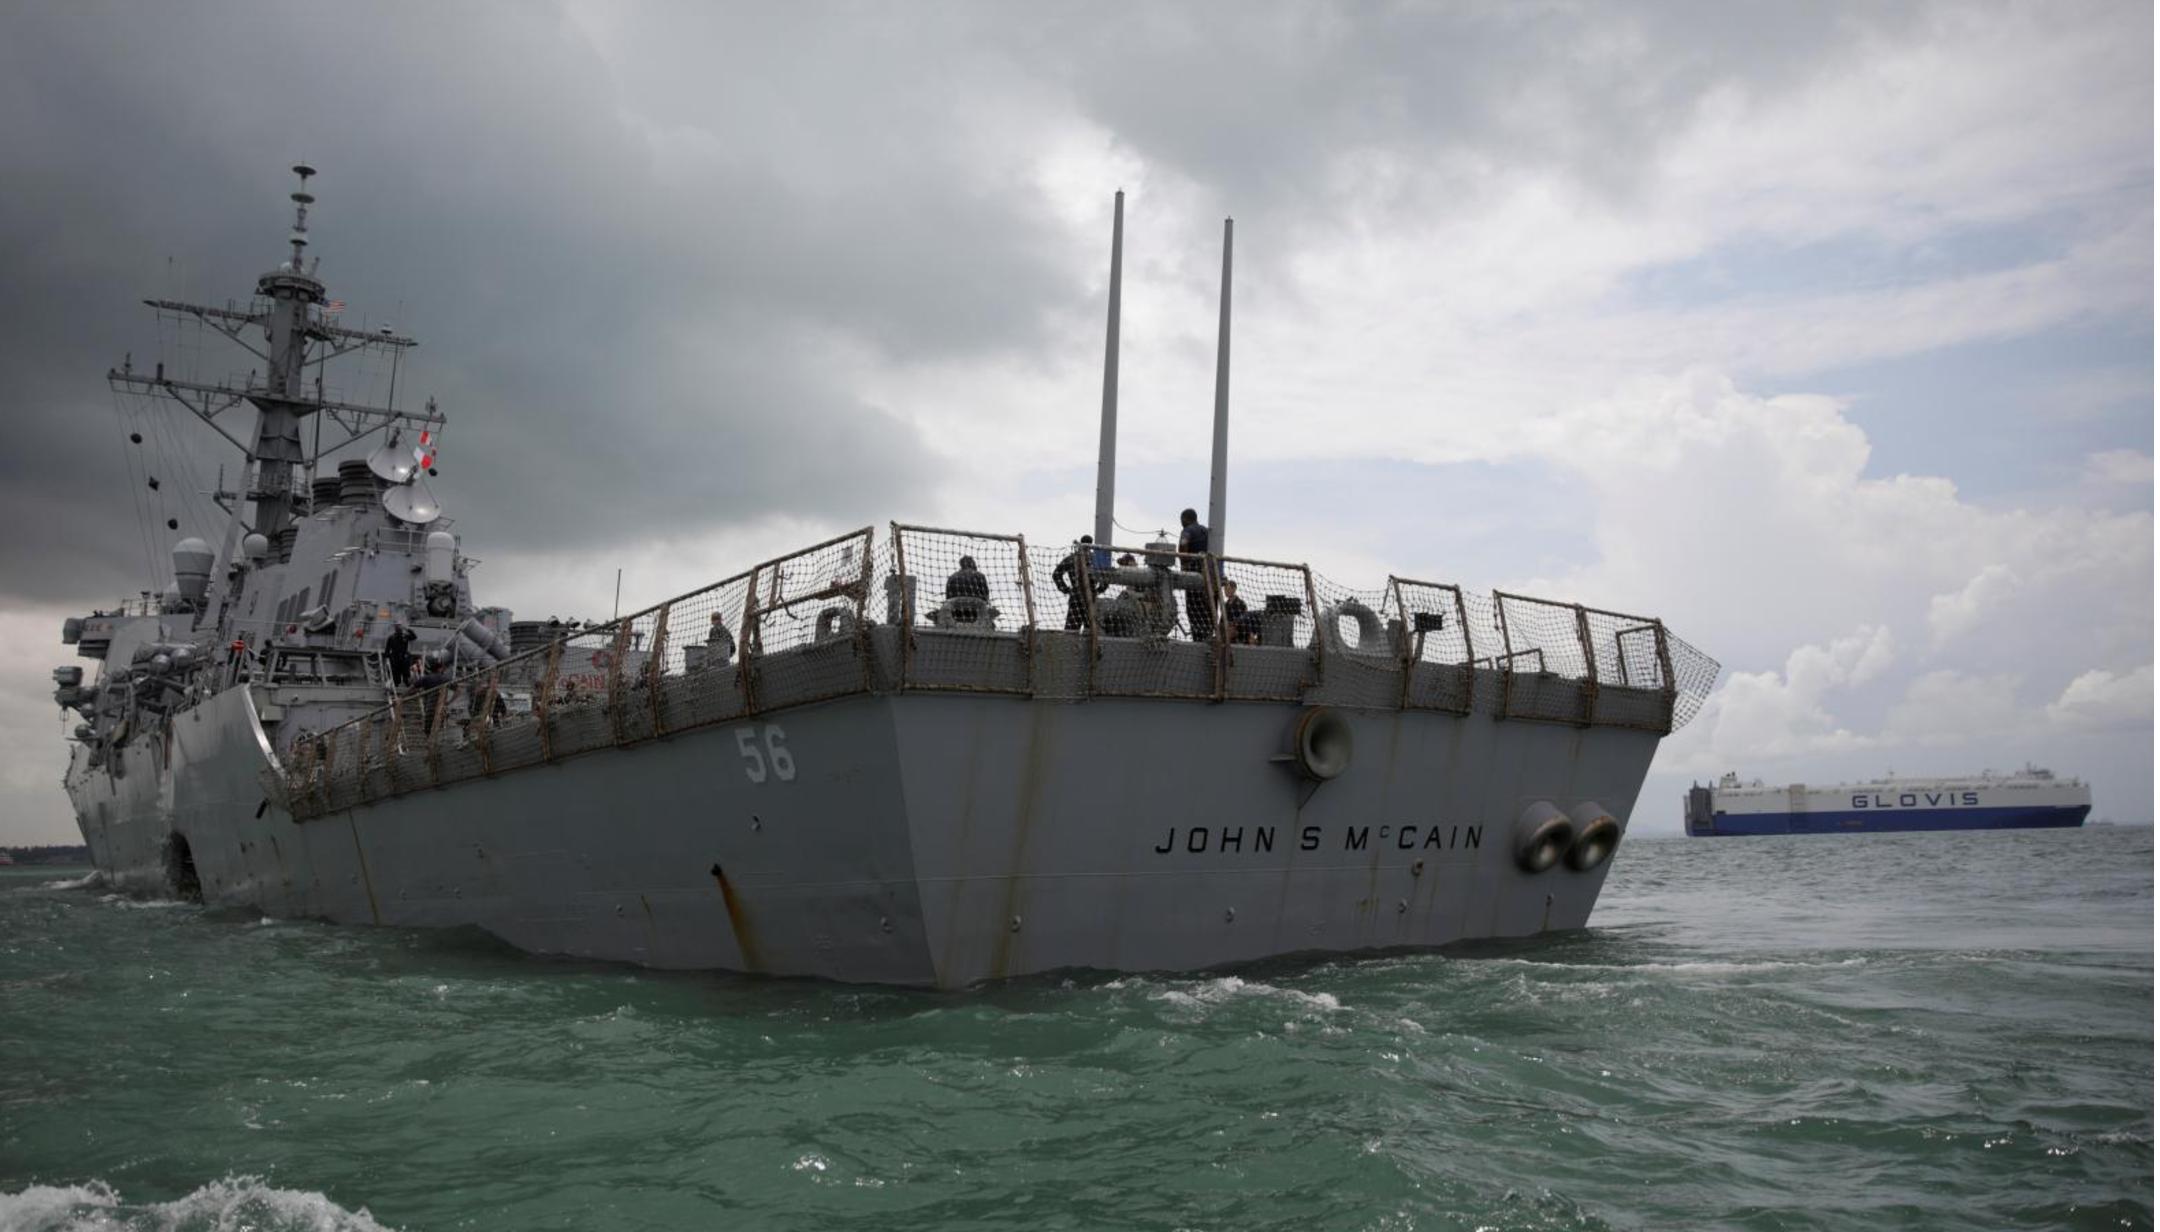 Chiến hạm USS John S McCain của Mỹ va chạm tàu chở dầu Singapore, 10 thủy thủ mất tích